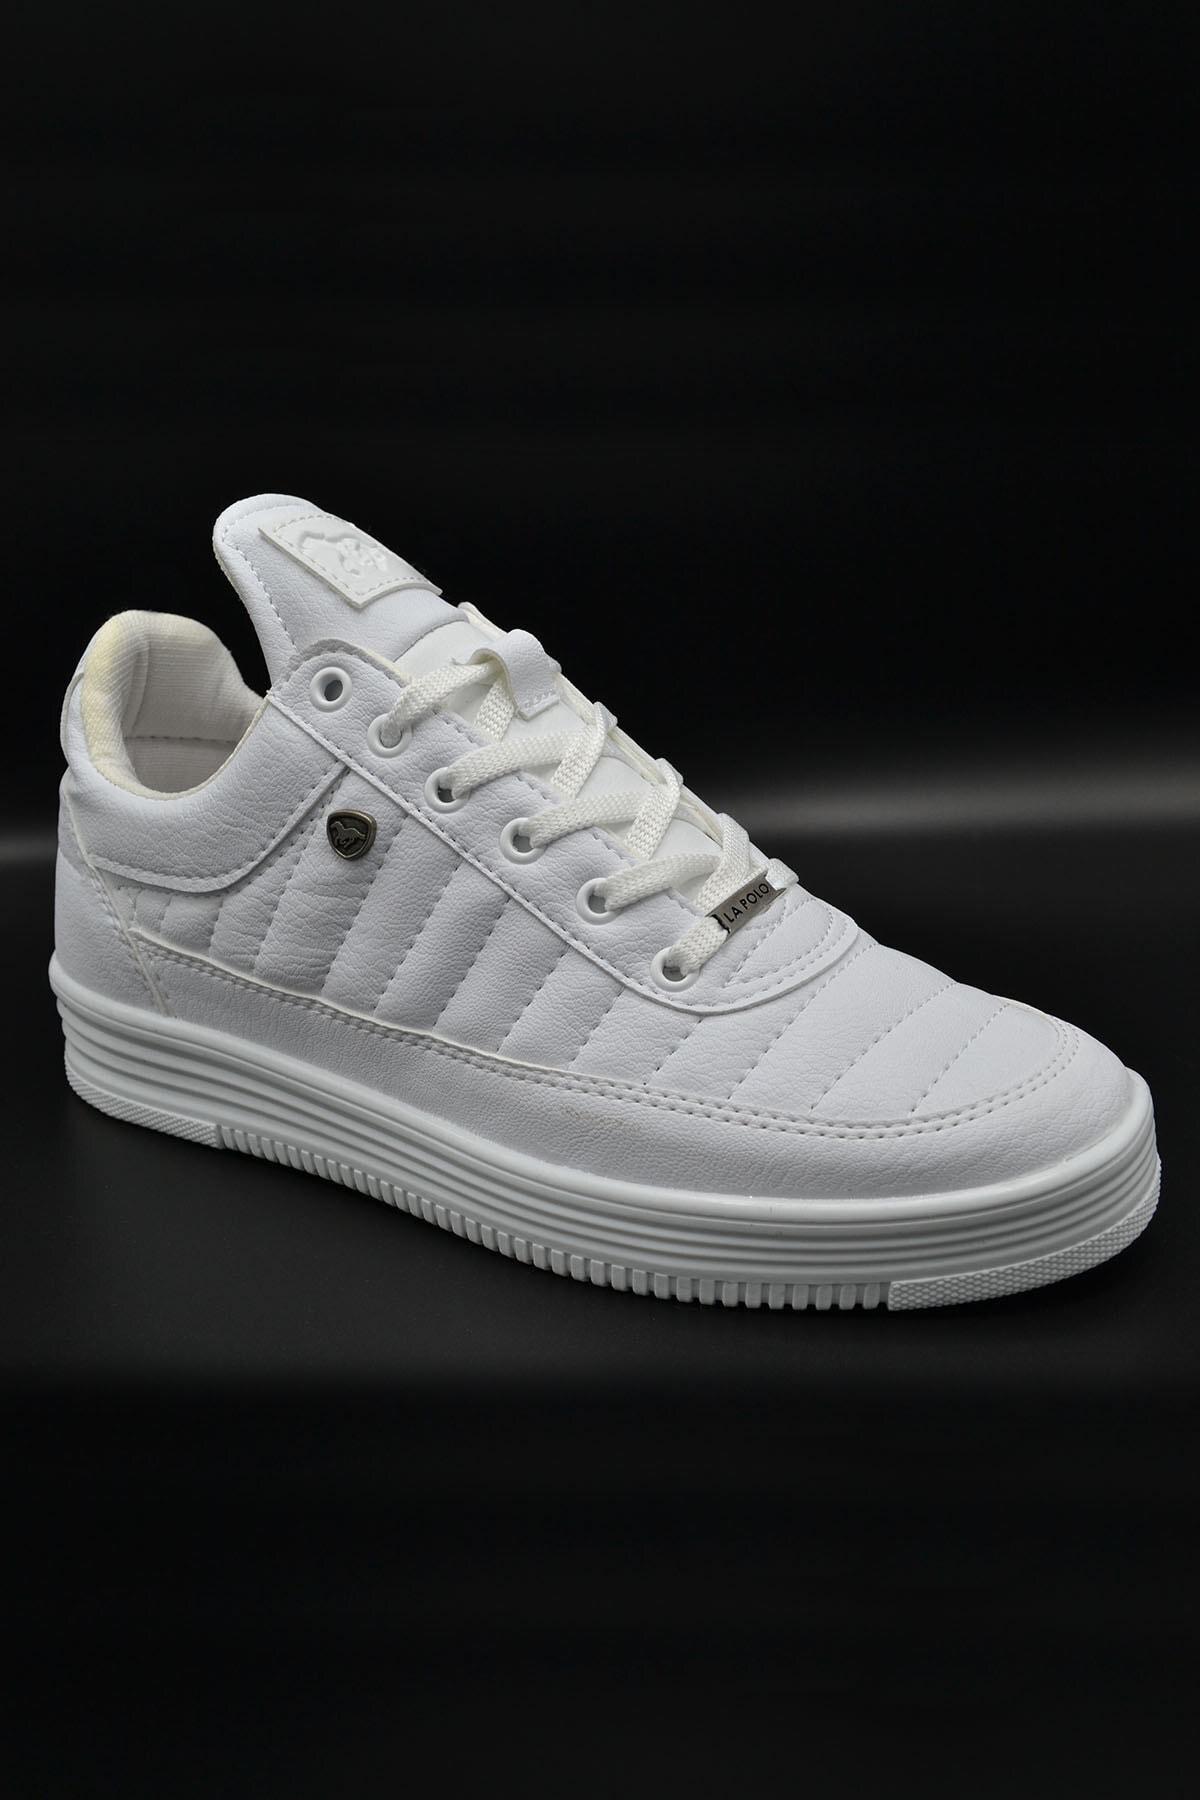 L.A Polo 07 Beyaz Beyaz Dikişli Taban Unisex Spor Ayakkabı 1